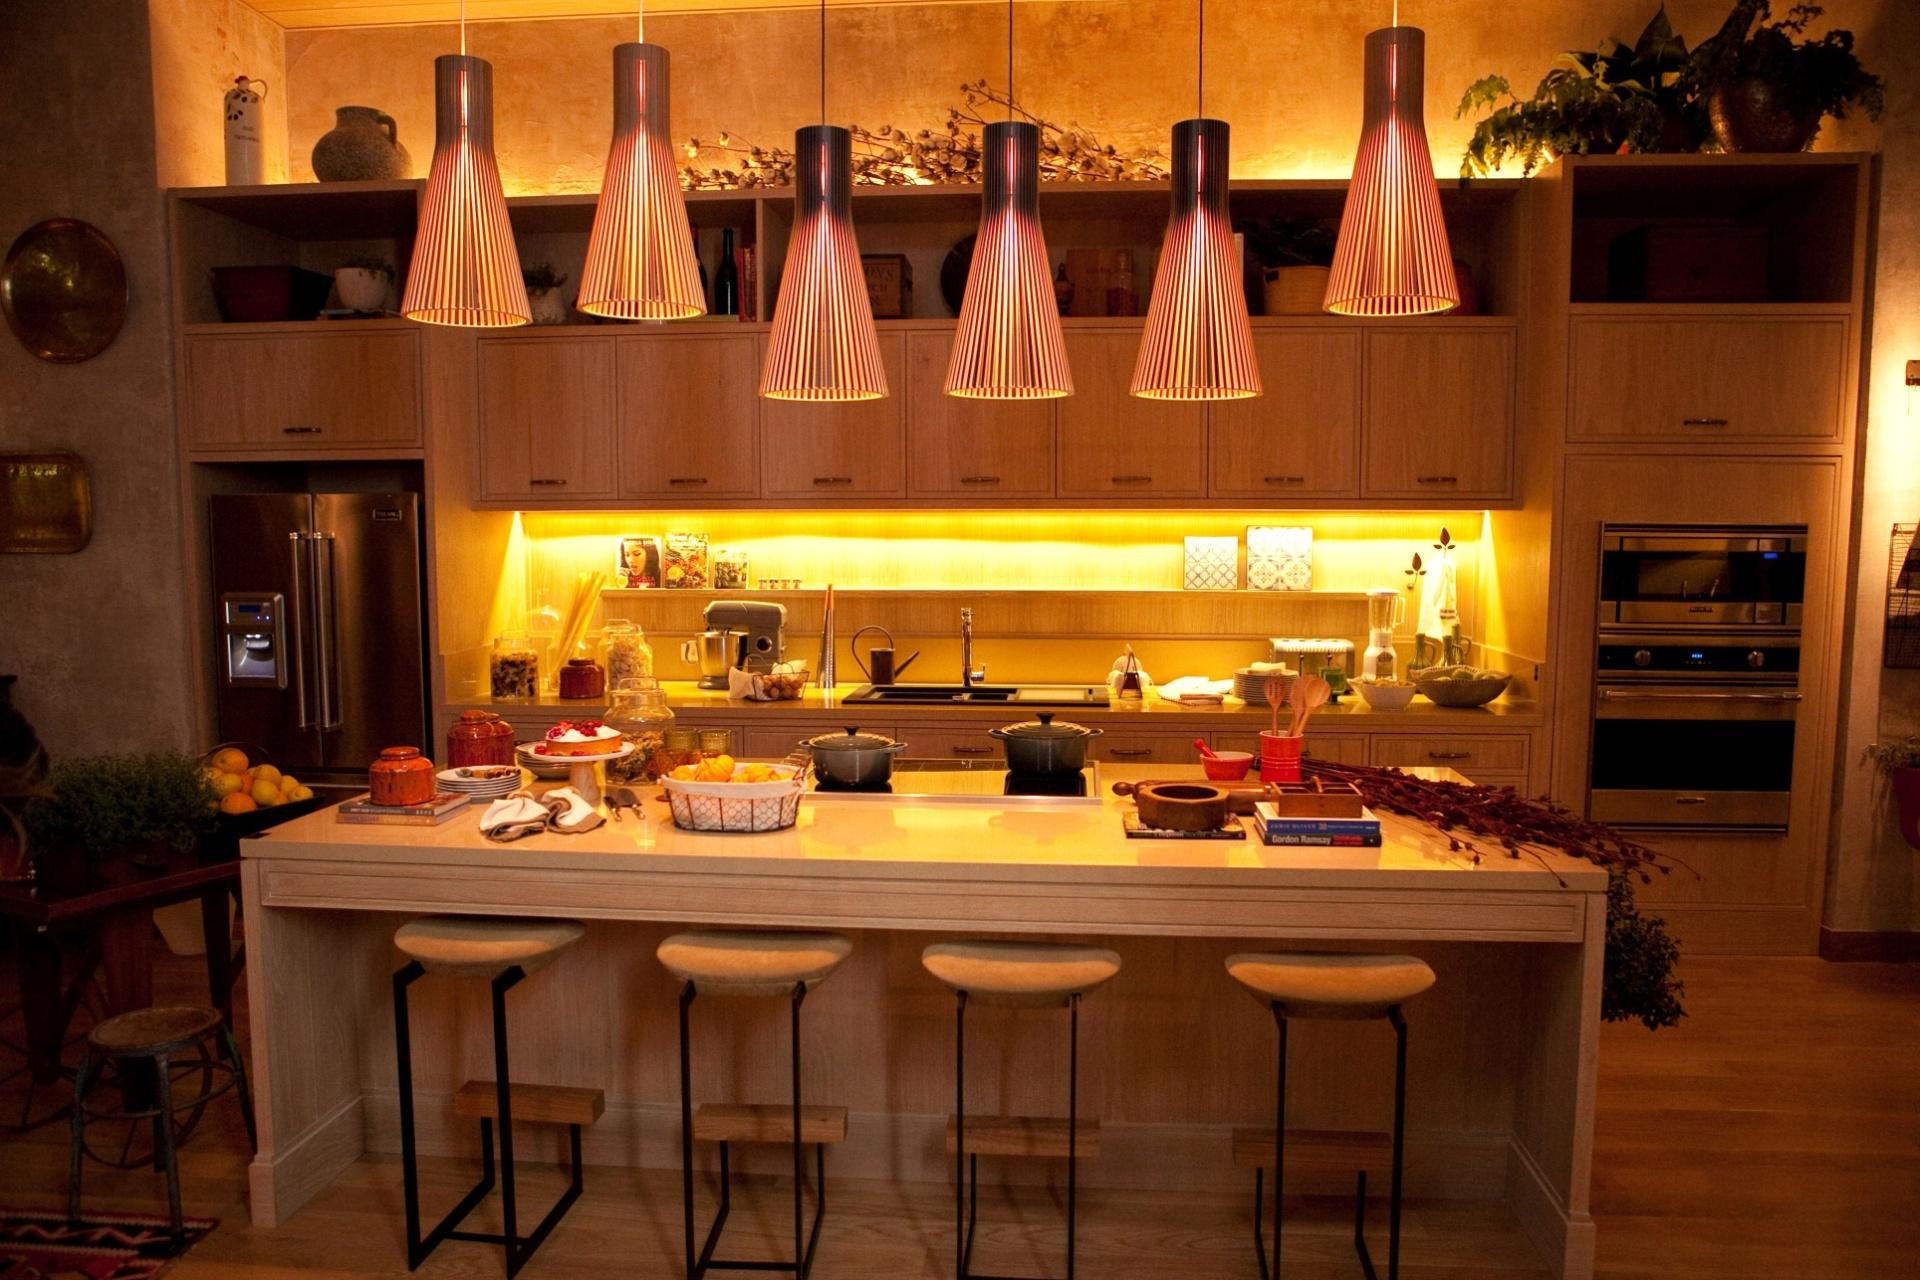 A designer de interiores Marina Linhares projeta a única cozinha da mostra, de 83 m². Os grandes armários em madeira clara emolduram e dão um ar rústico ao ambiente. A 27ª Casa Cor SP segue até dia 21 de julho de 2013, no Jockey Club de São Paulo